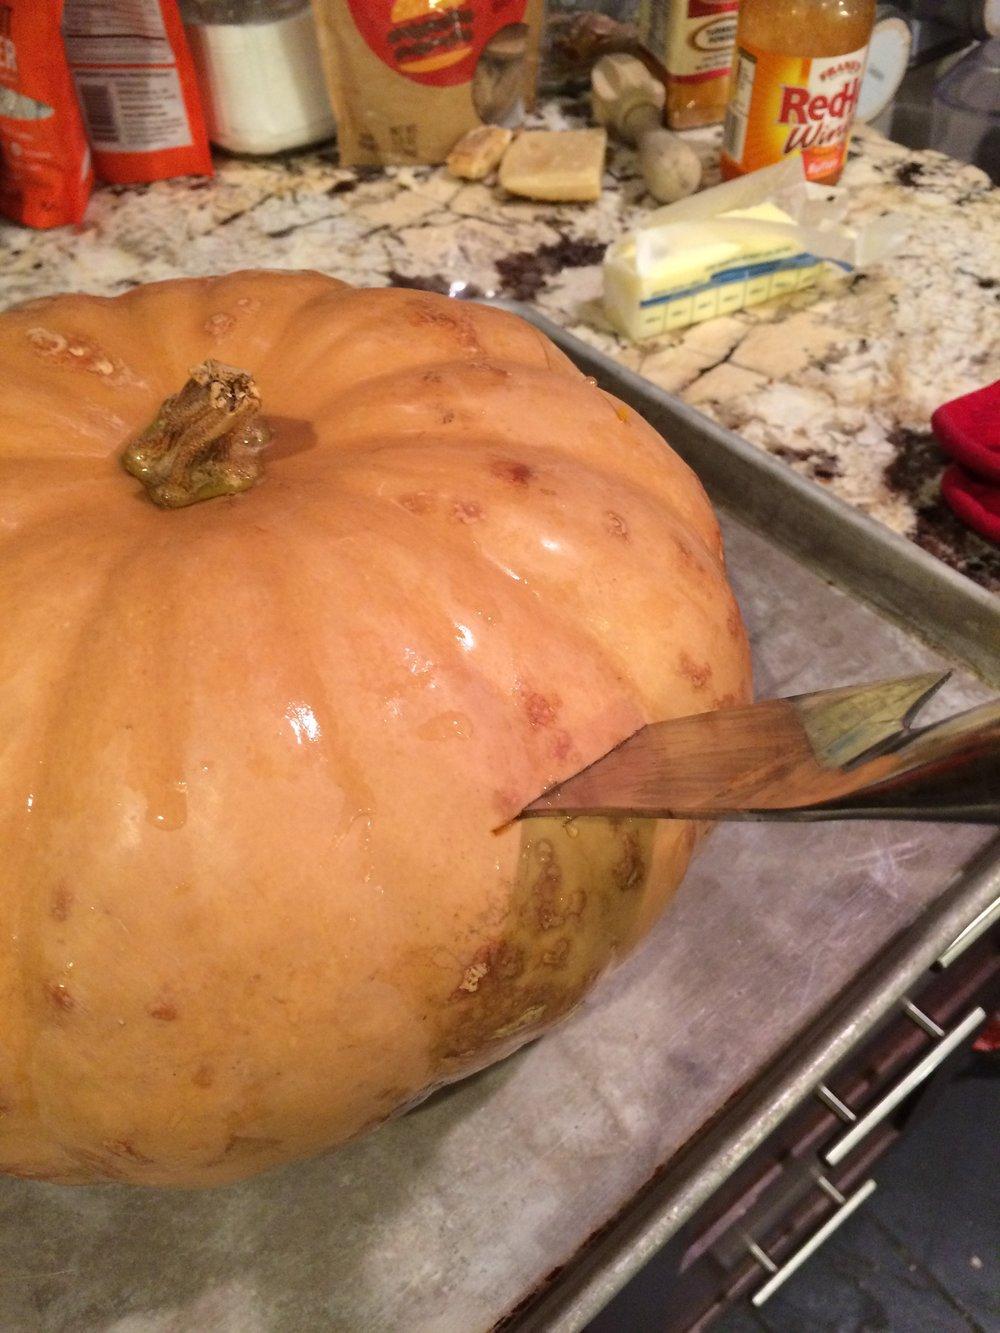 Stab the big pumpkin